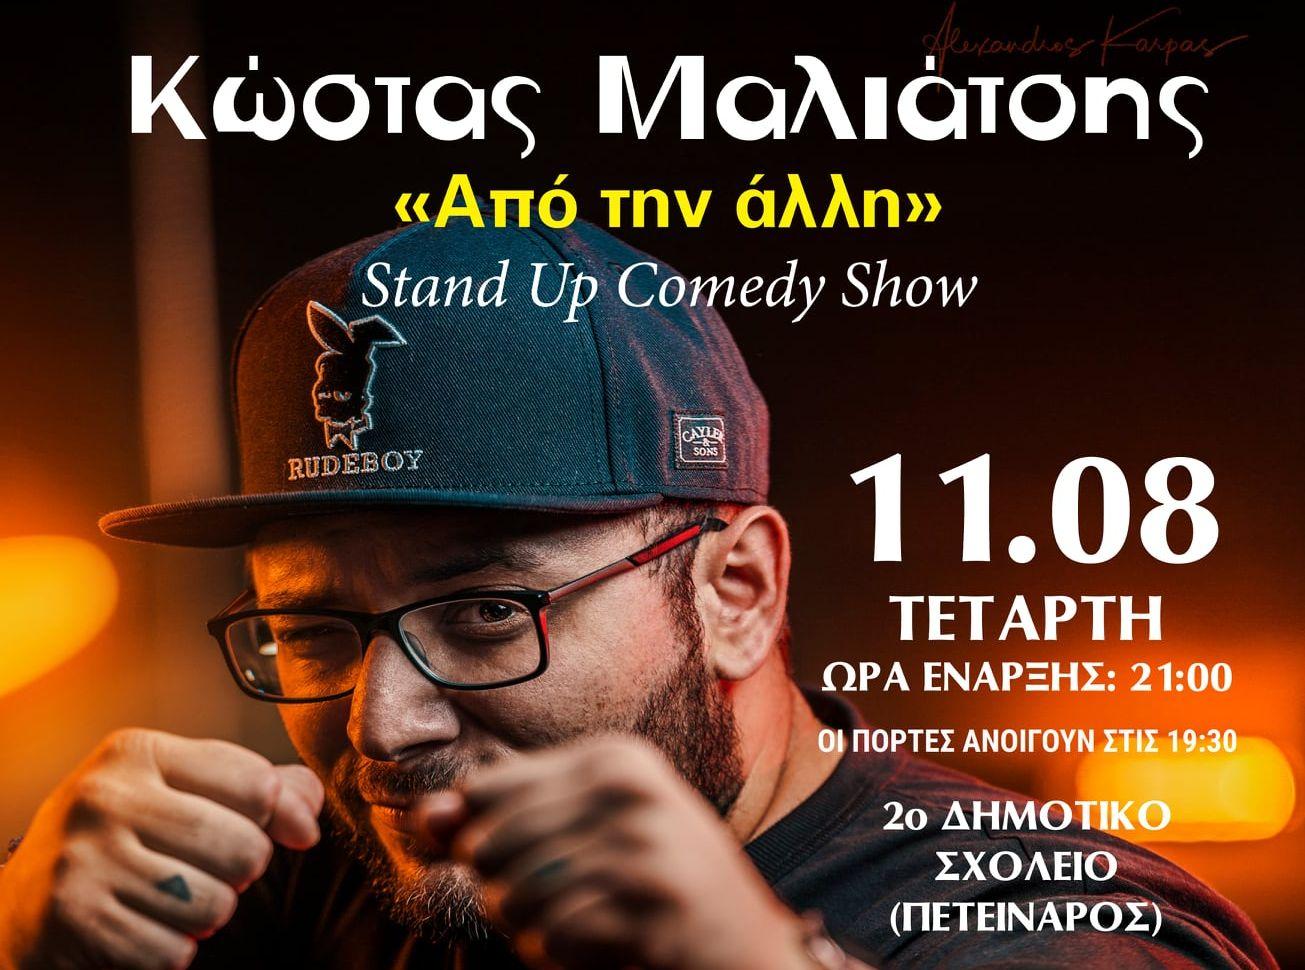 2o Mykonos Youth Festival: Stand up Comedy show «Από την Άλλη» με τον Κώστα Μαλιάτση